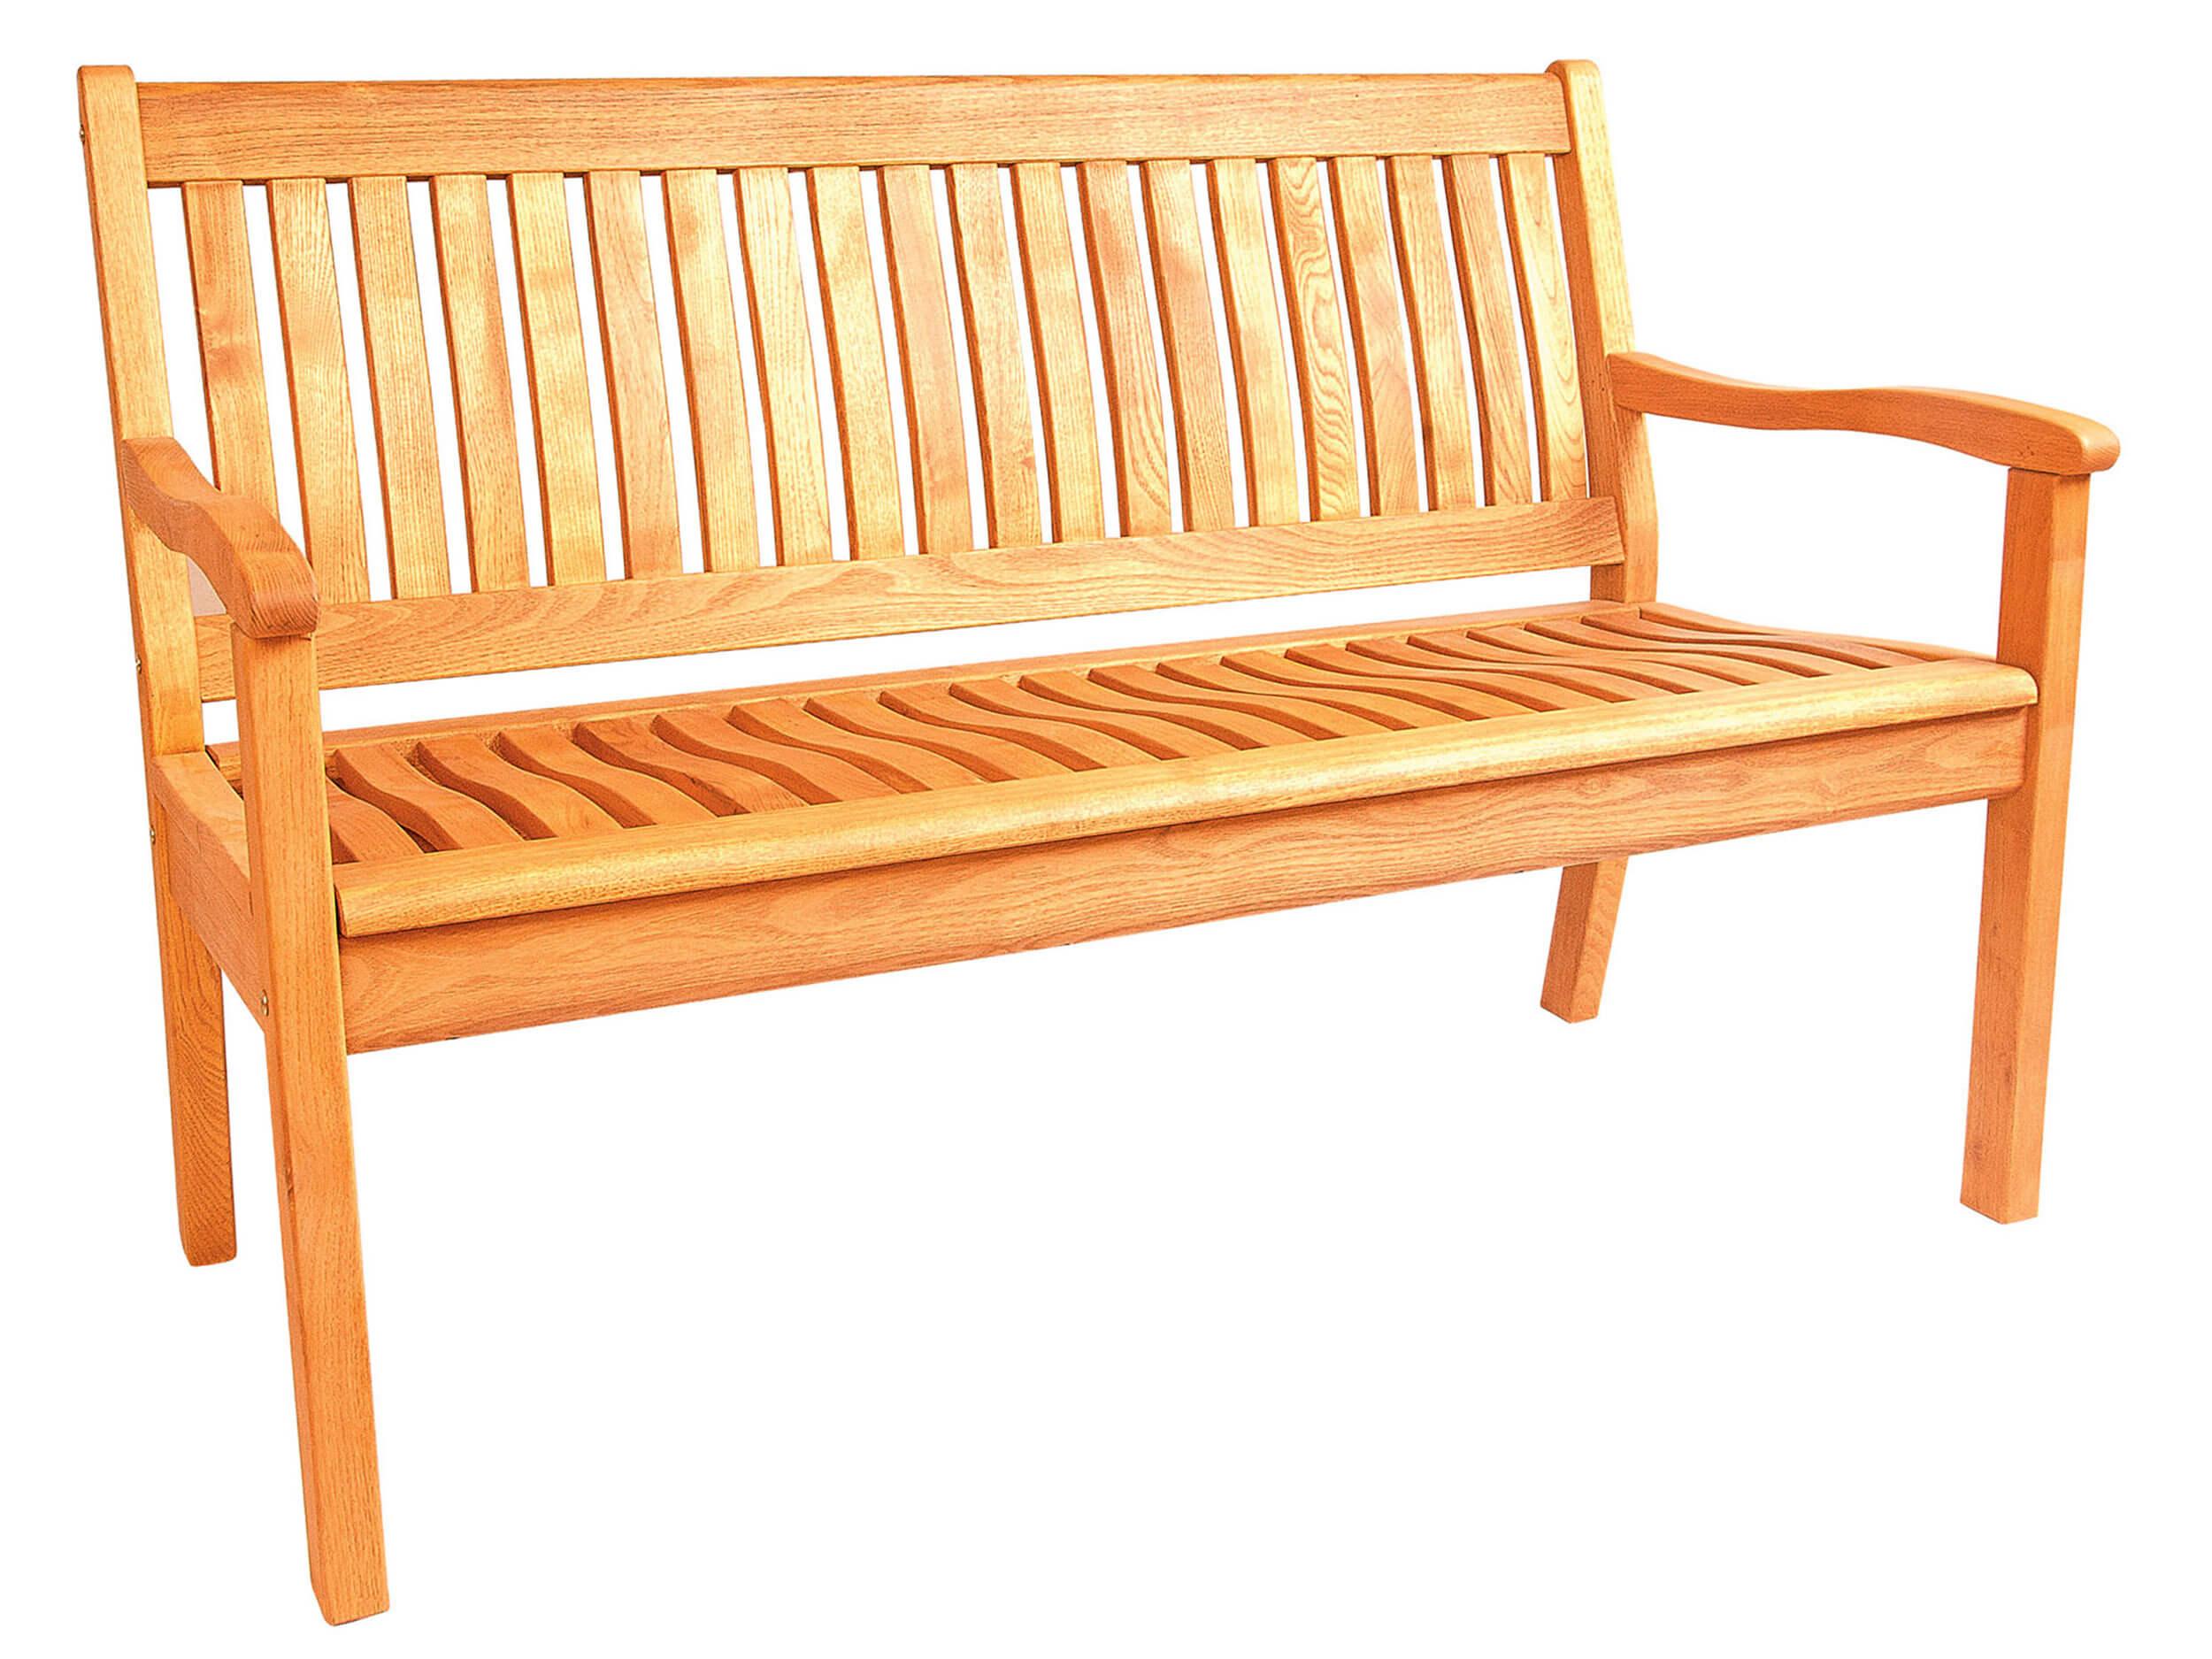 Gartenbank Holz - Holzgartenbänke günstig kaufen | Gartenmöbel Lünse